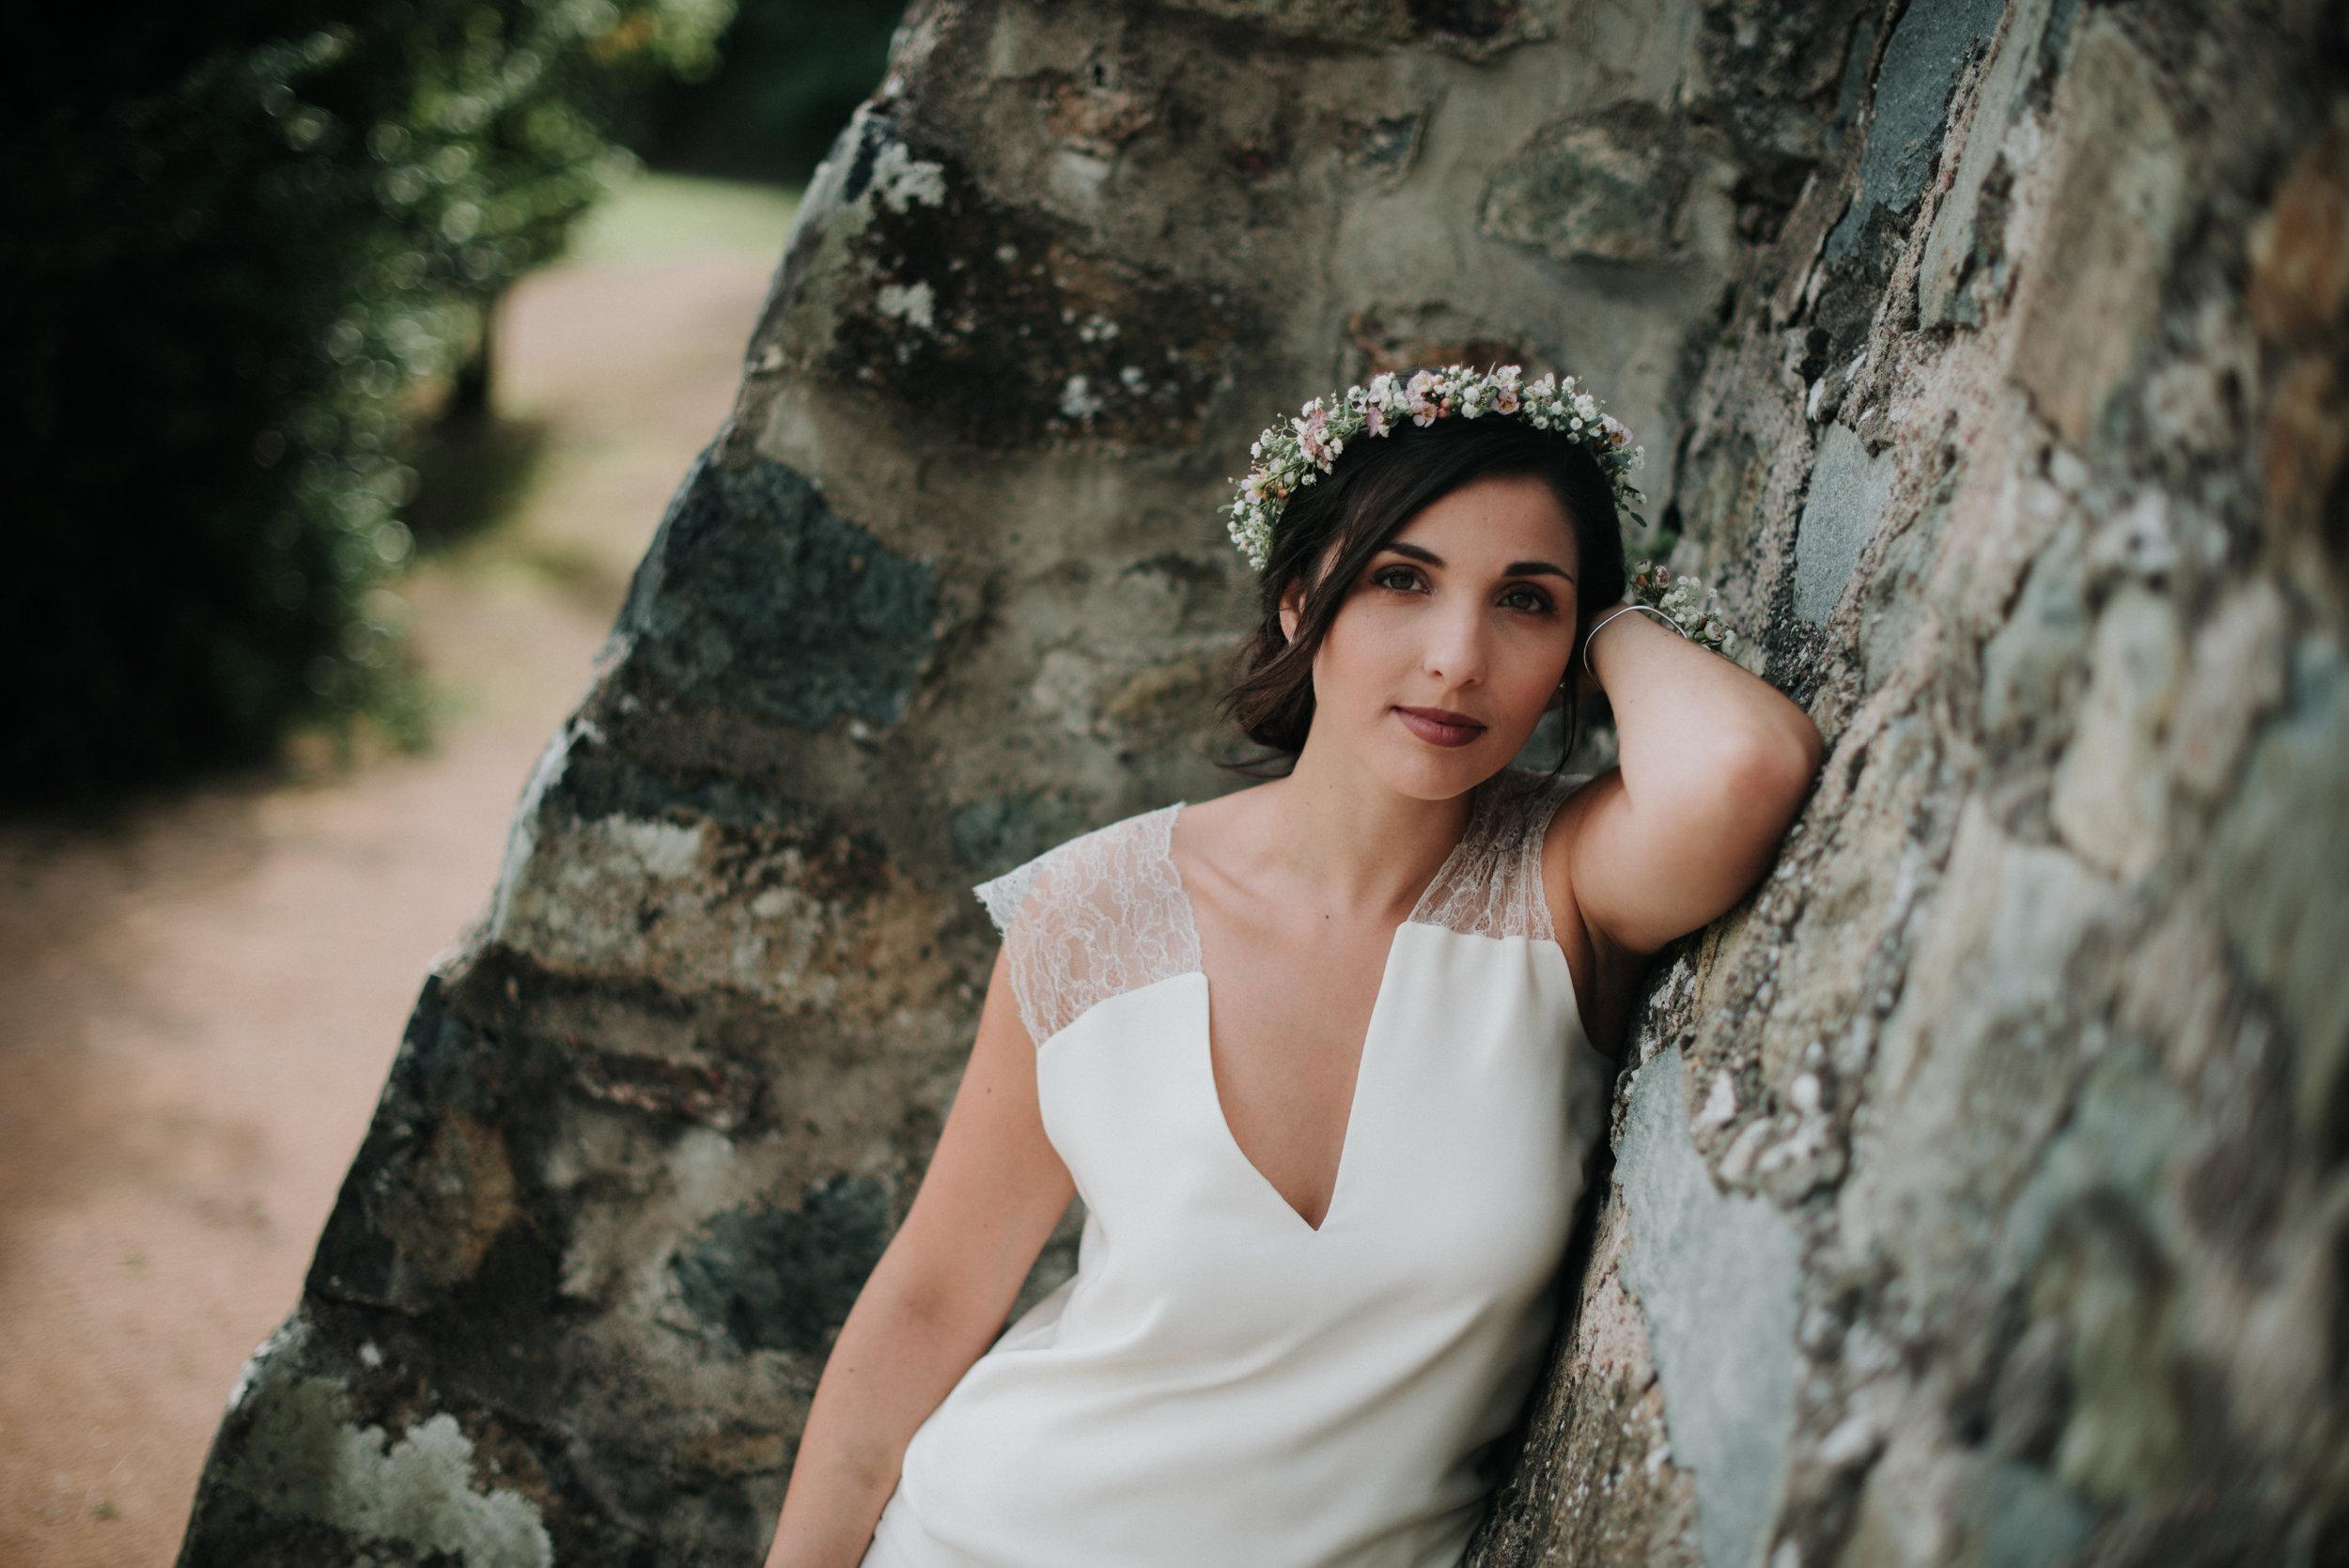 Léa-Fery-photographe-professionnel-lyon-rhone-alpes-portrait-creation-mariage-evenement-evenementiel-famille-9059.jpg